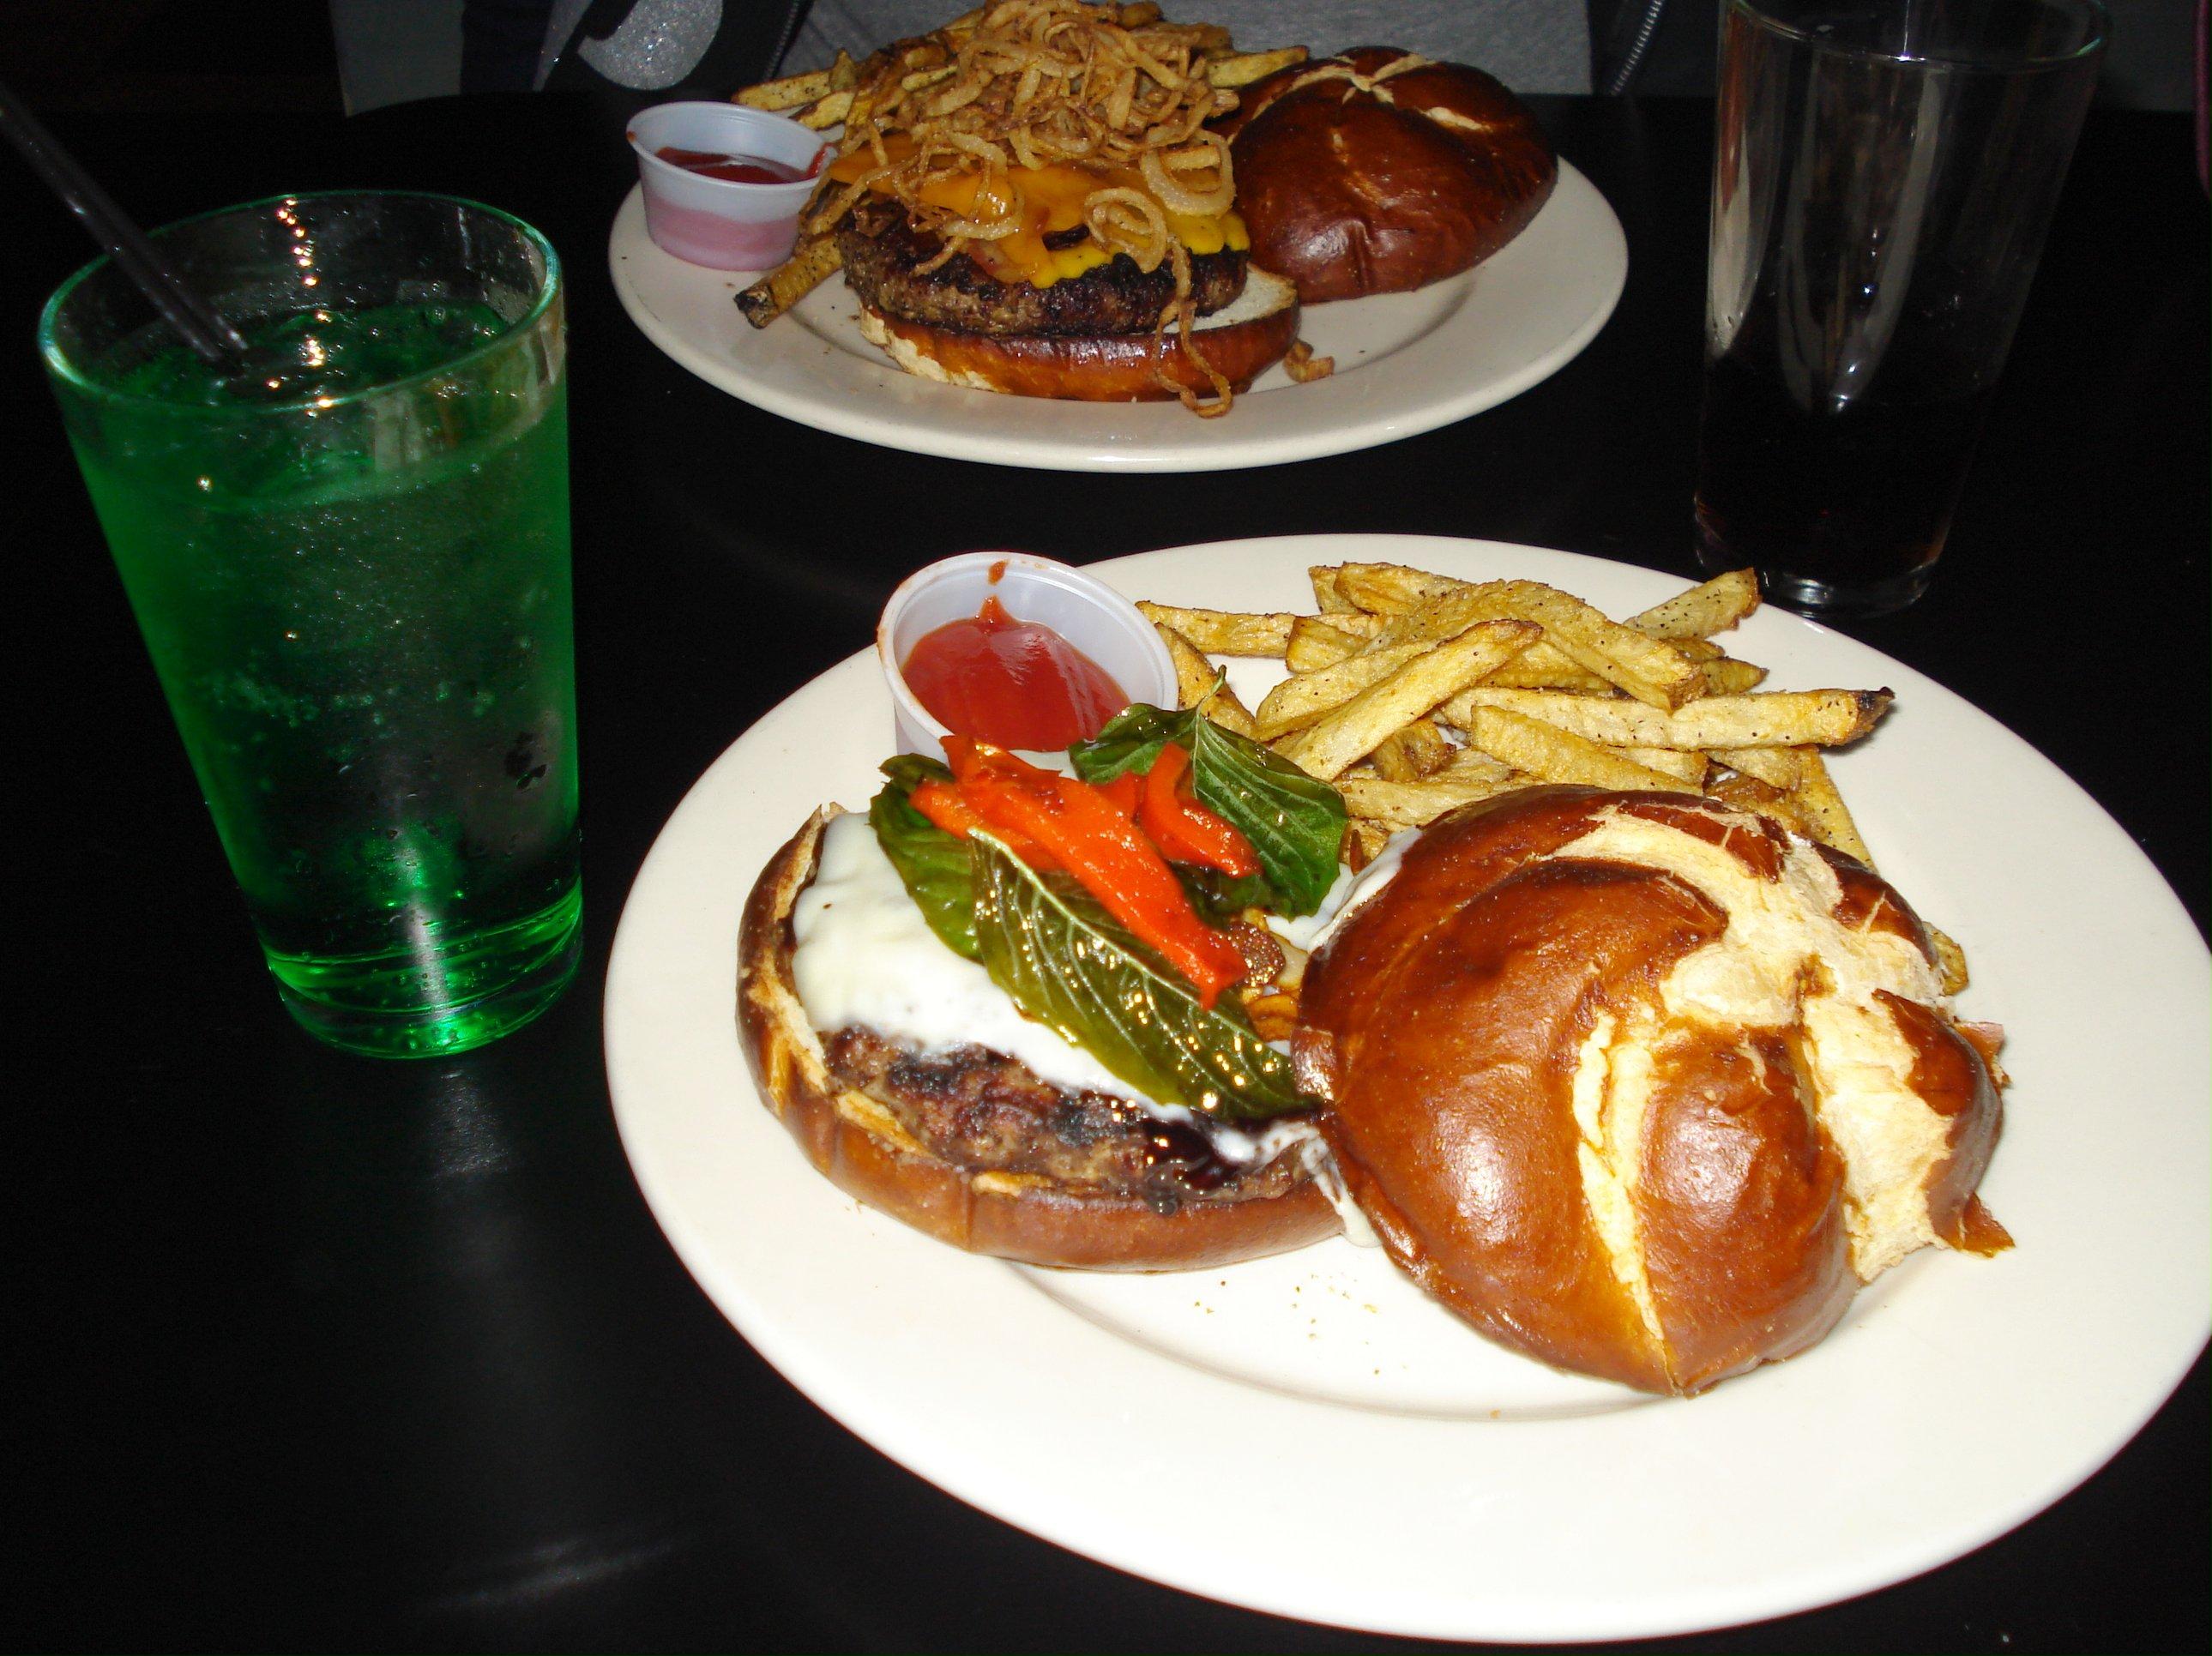 Nachtmystium_burger_-_Kuma's_Corner,_Chicago